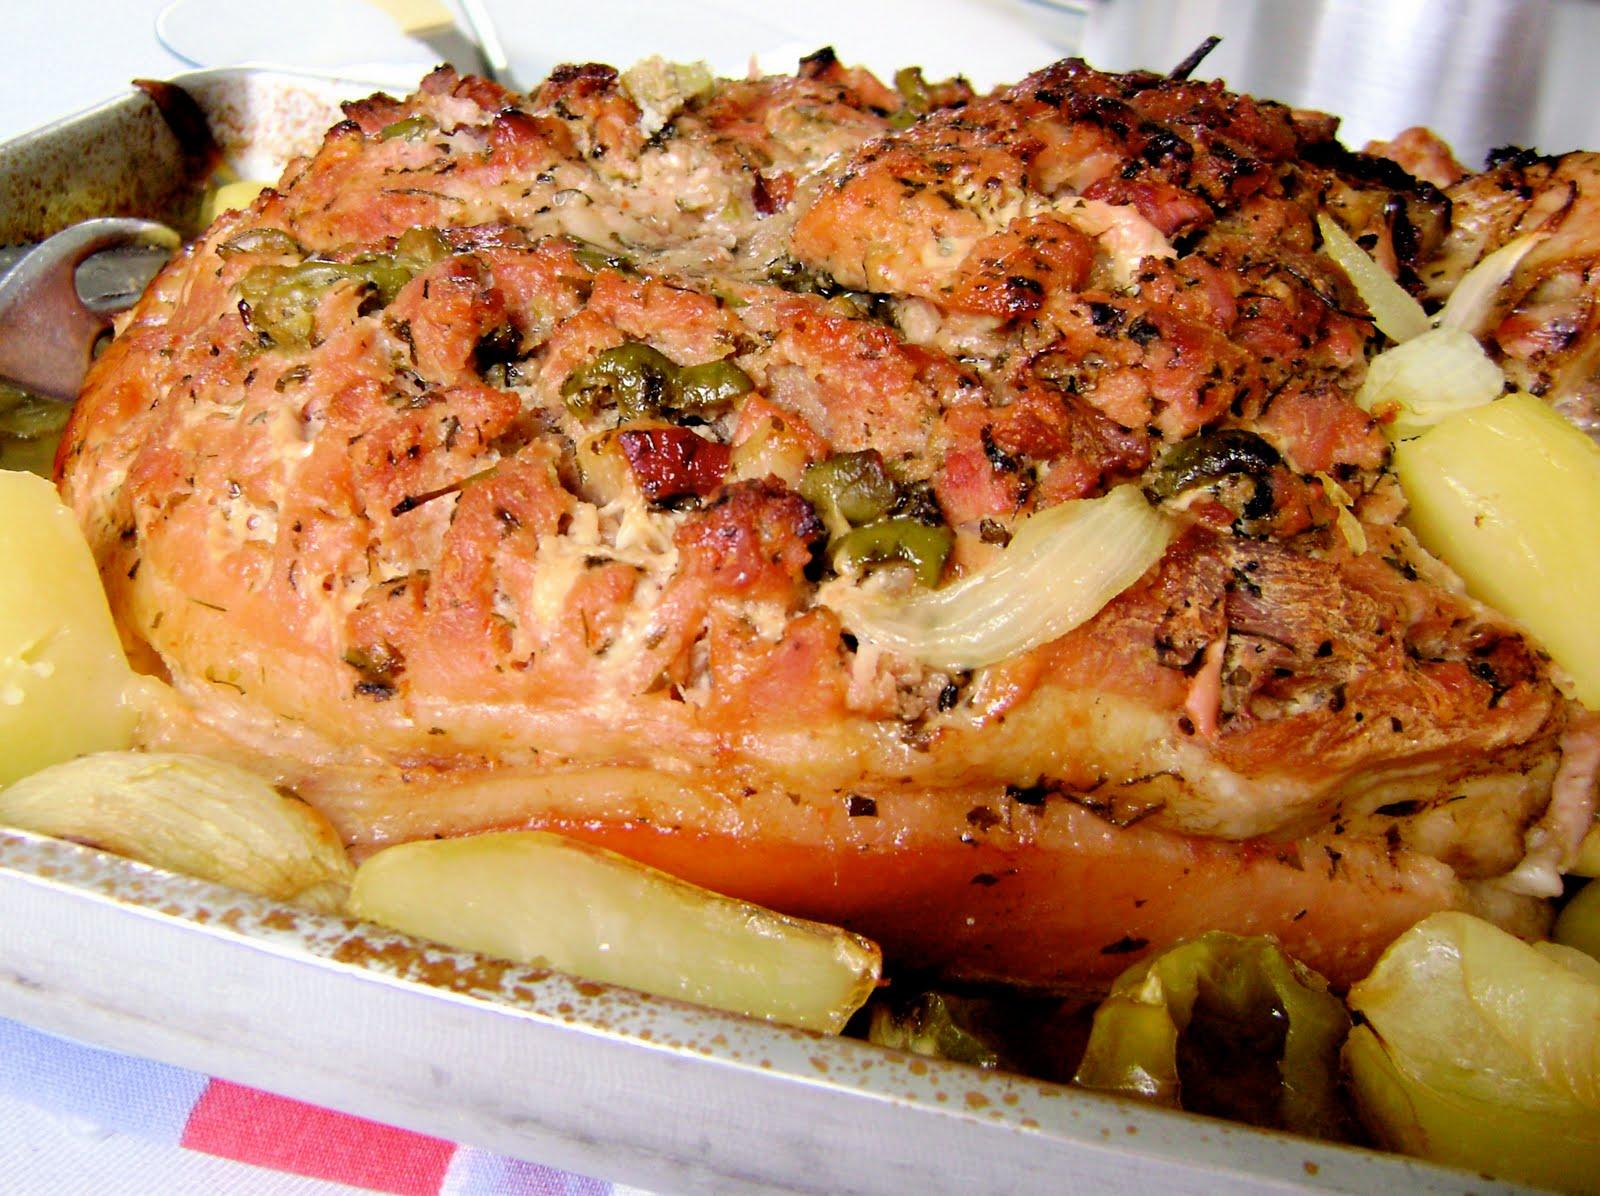 Perna de porco com batatas - receita para datas especiais (Foto: Divulgação)